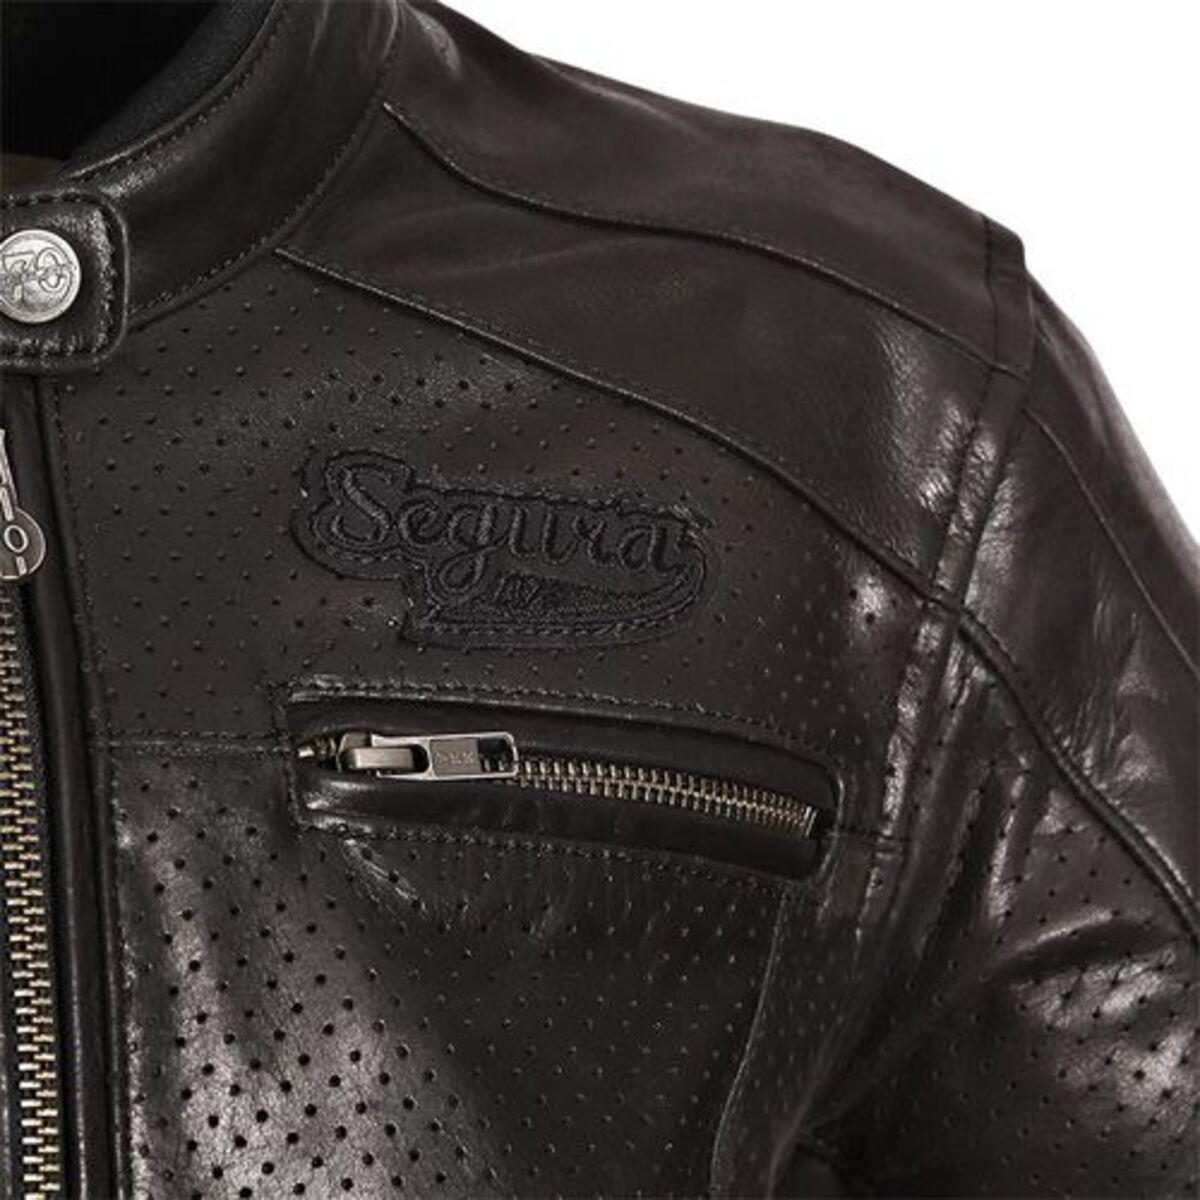 Bild 3 von Segura            Iron Damen Lederjacke schwarz